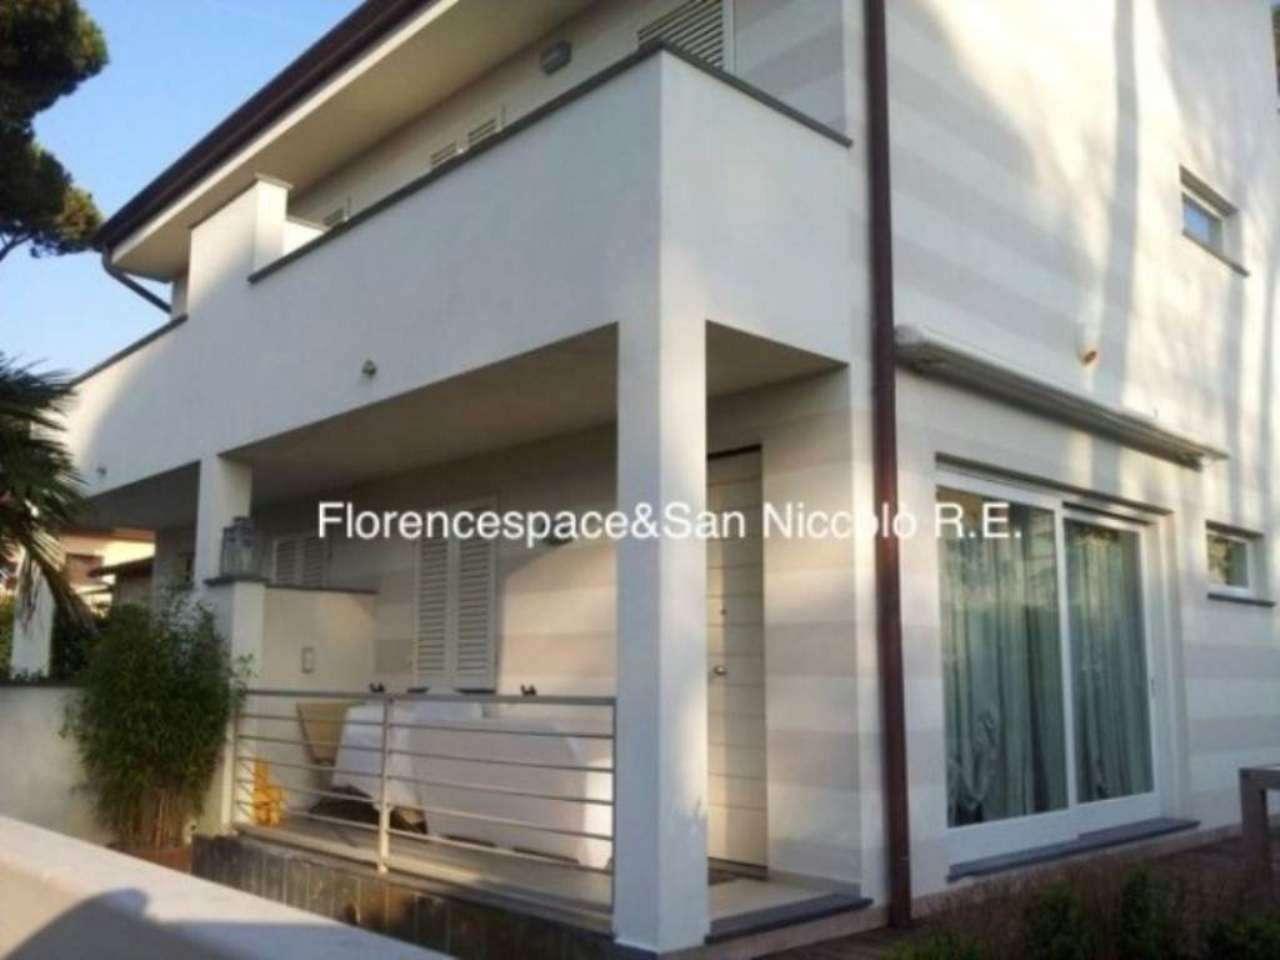 Soluzione Indipendente in vendita a Pietrasanta, 5 locali, prezzo € 850.000   CambioCasa.it